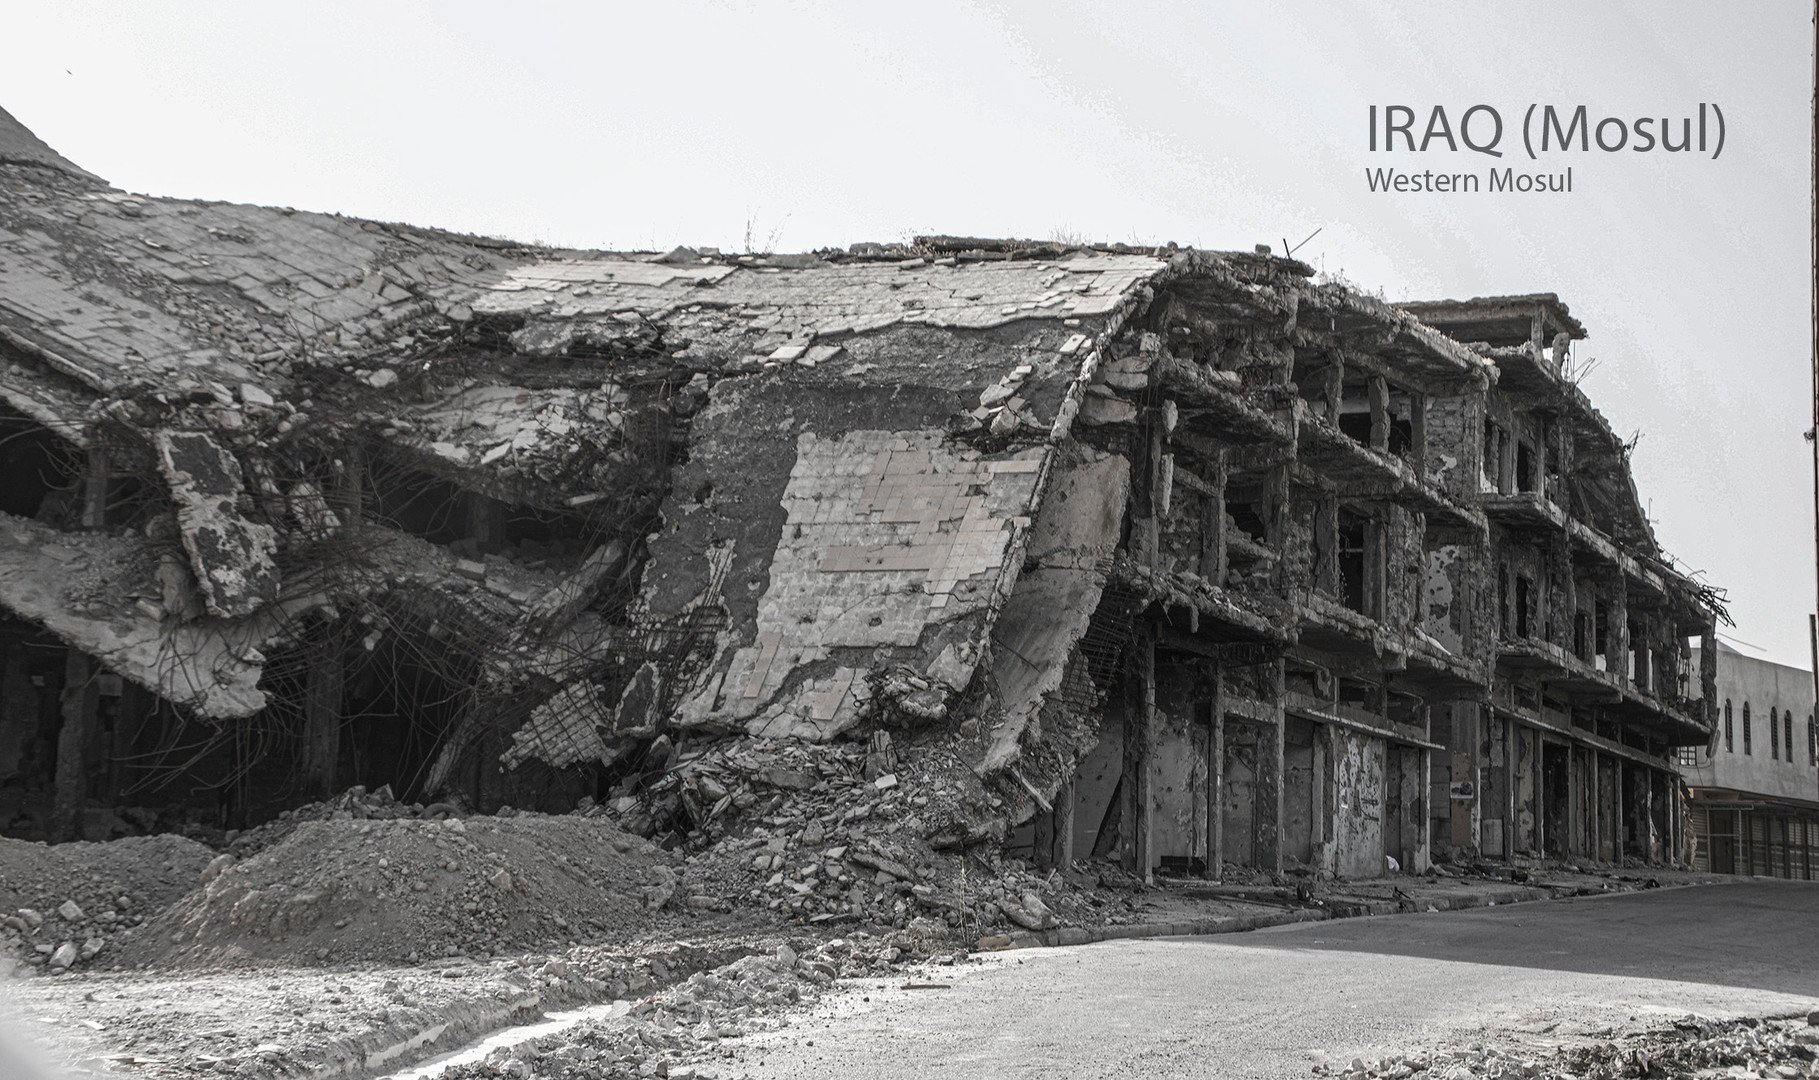 2019-07-22 Iraq - Mosul 43 (POW) 452A802